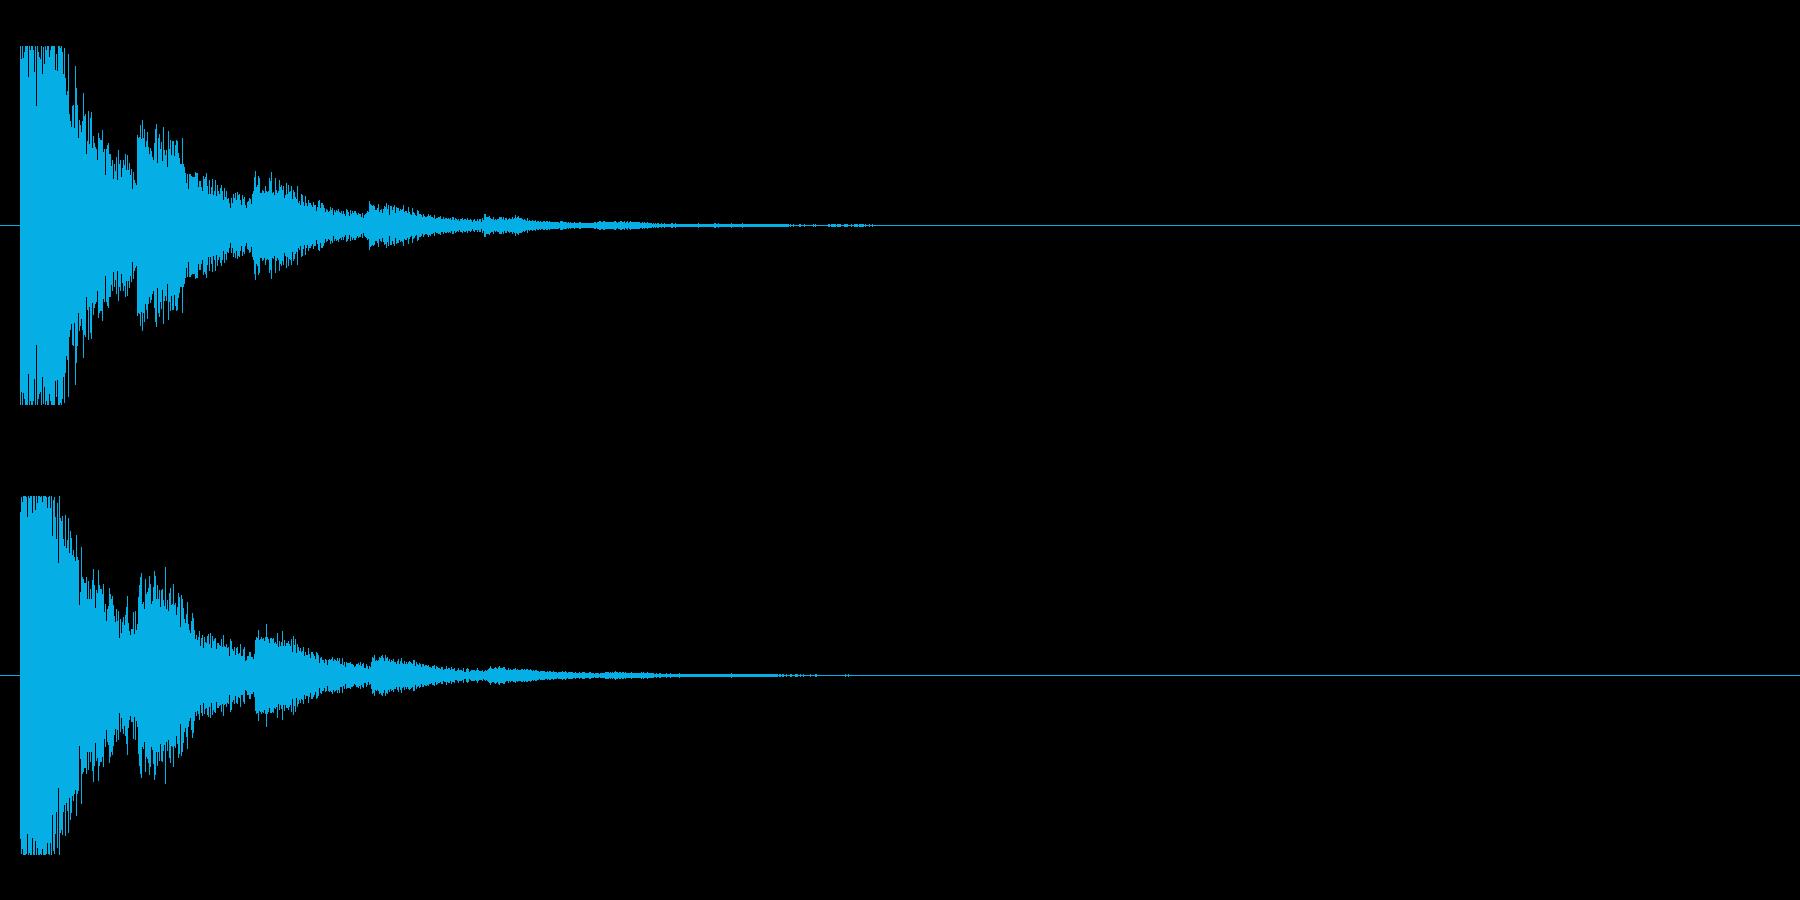 レーザー音-79-2の再生済みの波形